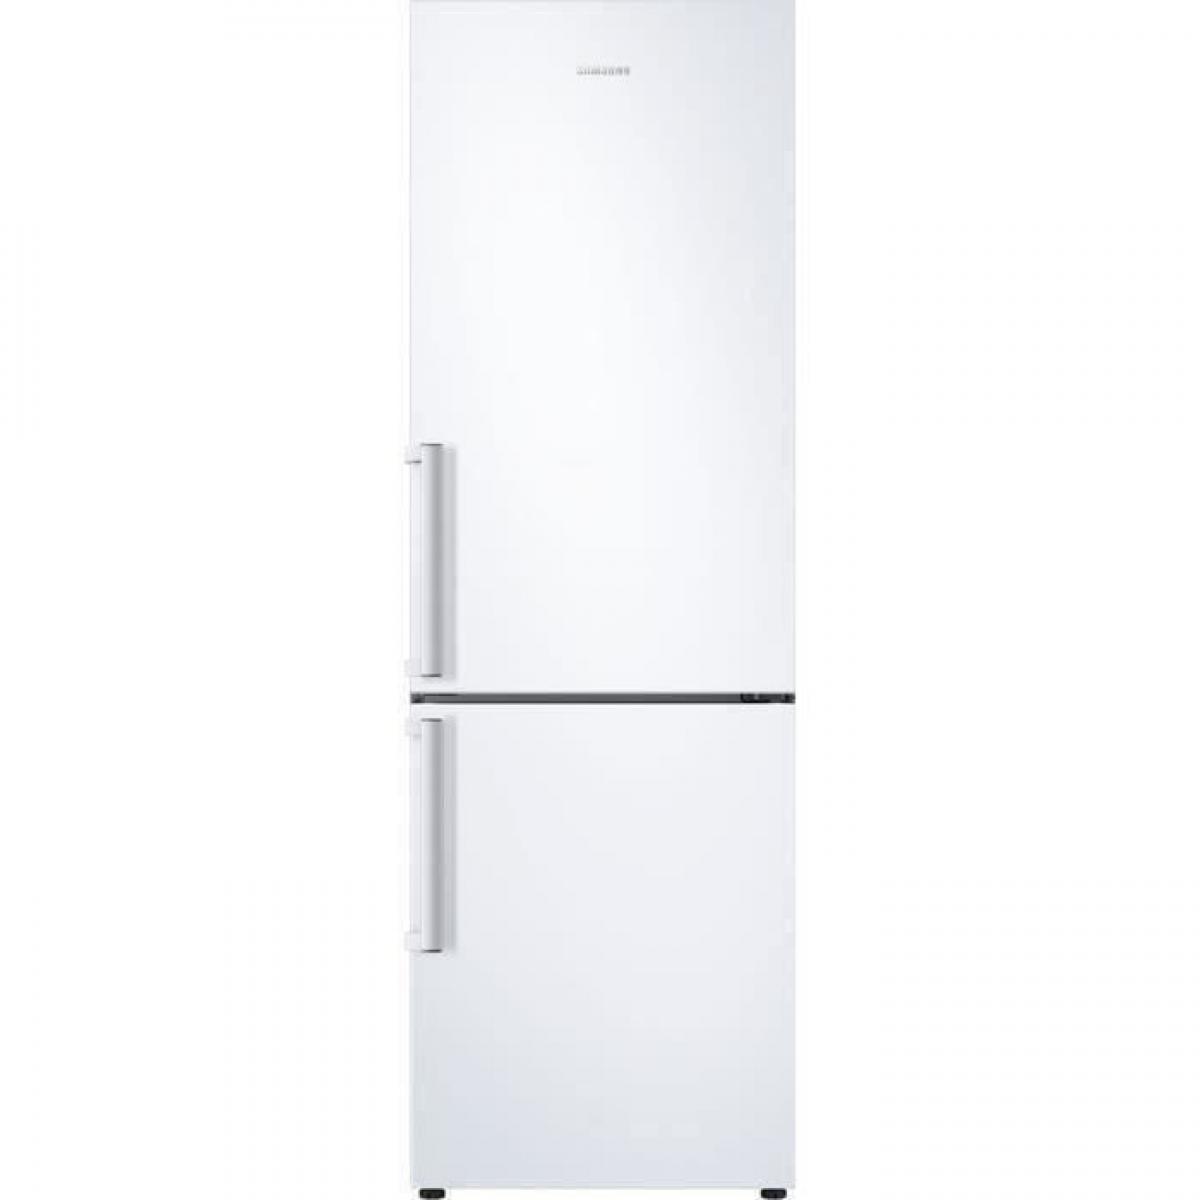 Samsung SAMSUNG RL34T620DWW - Réfrigérateur combiné - 340L (228L + 112L) - Froid Ventilé - A++ - L59,5cm x H185.3cm - Blanc - P